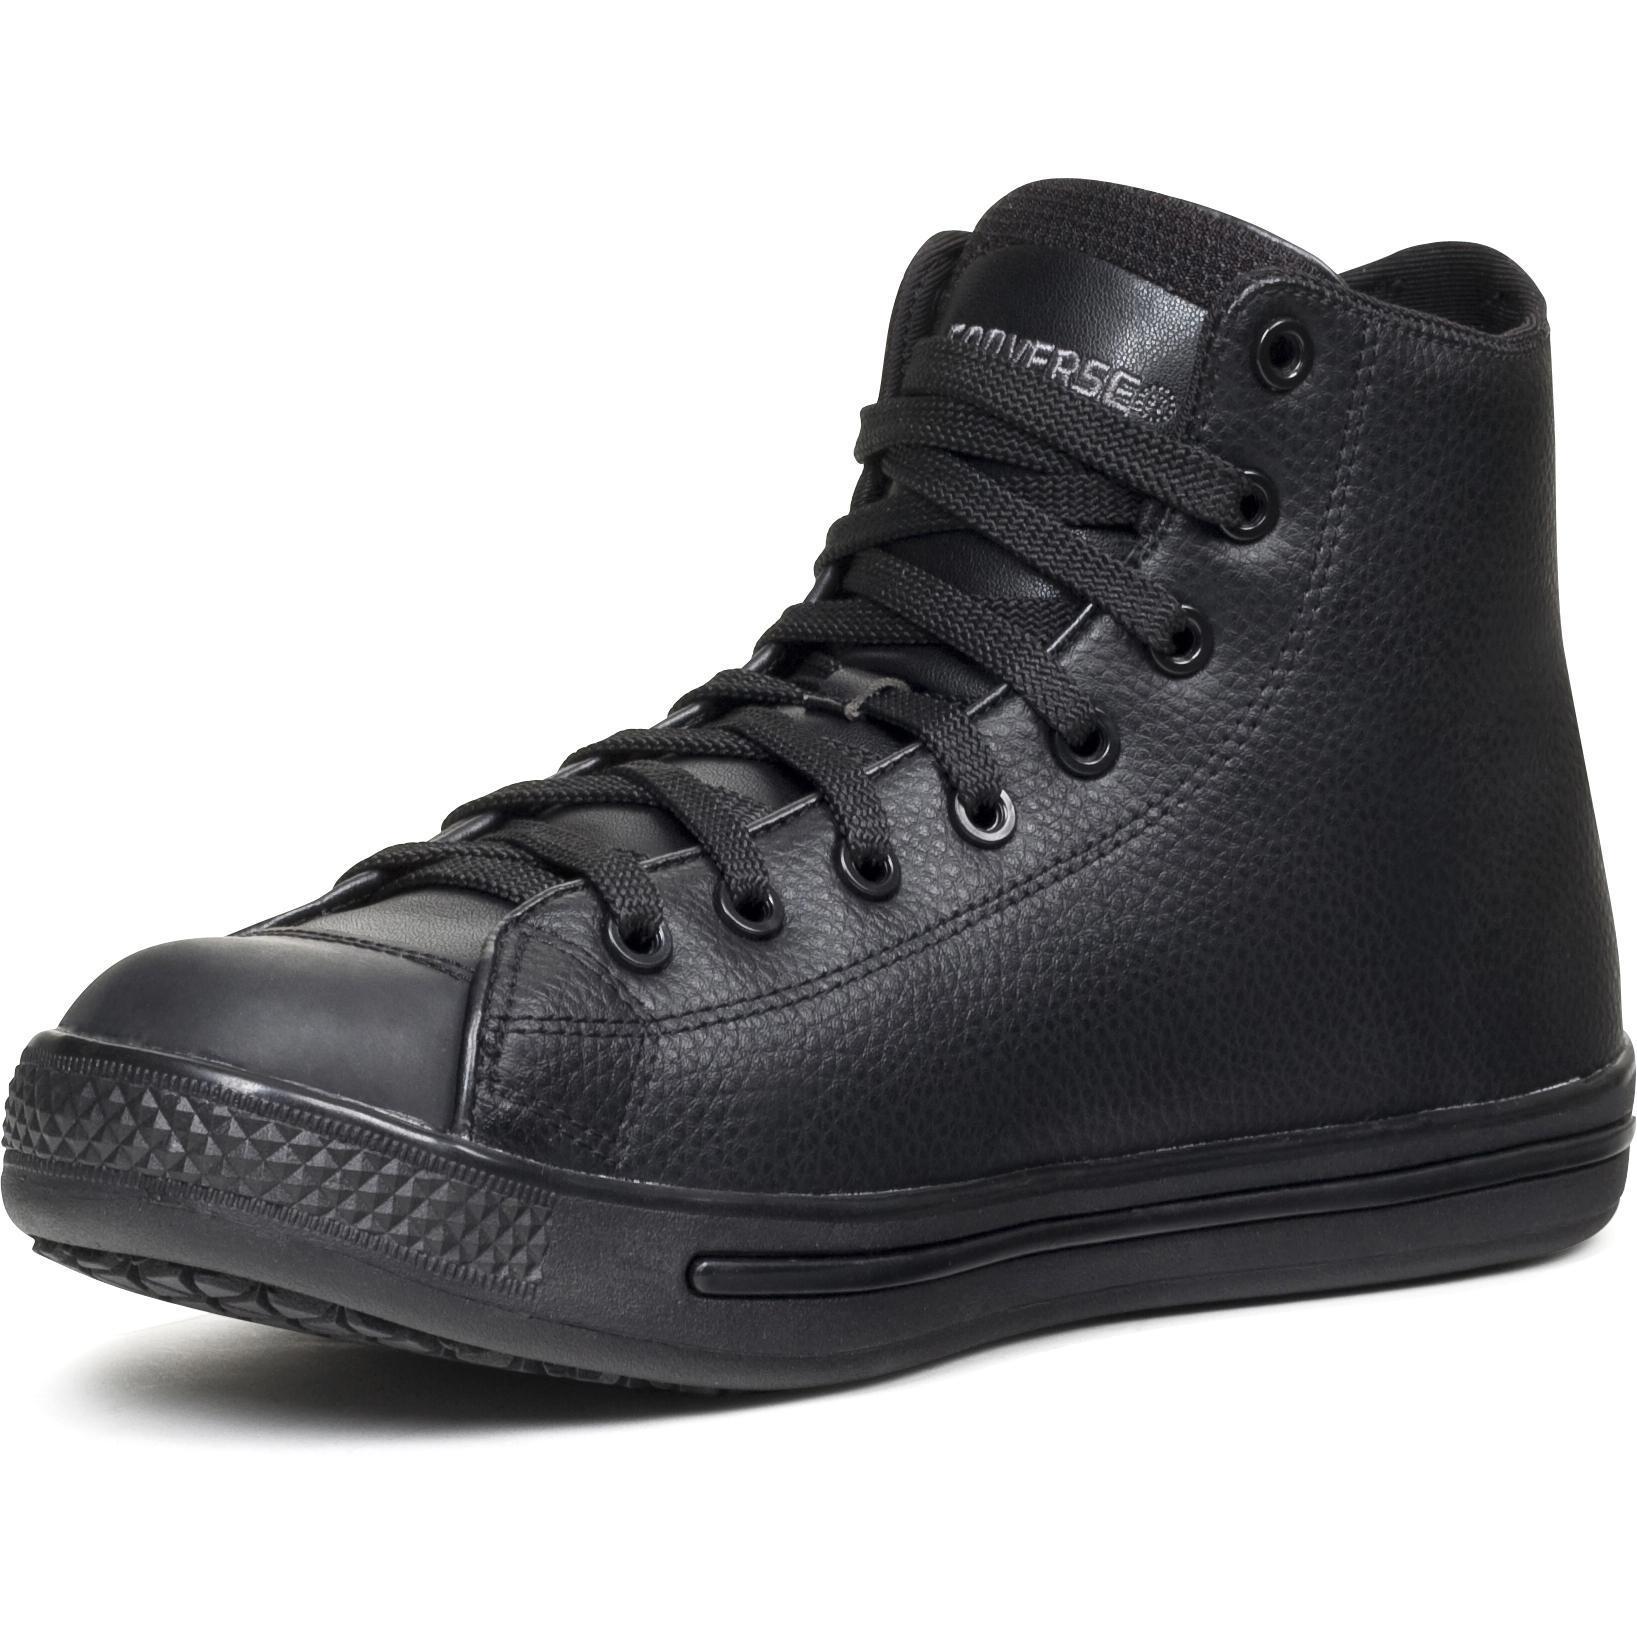 Keen Shoes Women High Tops